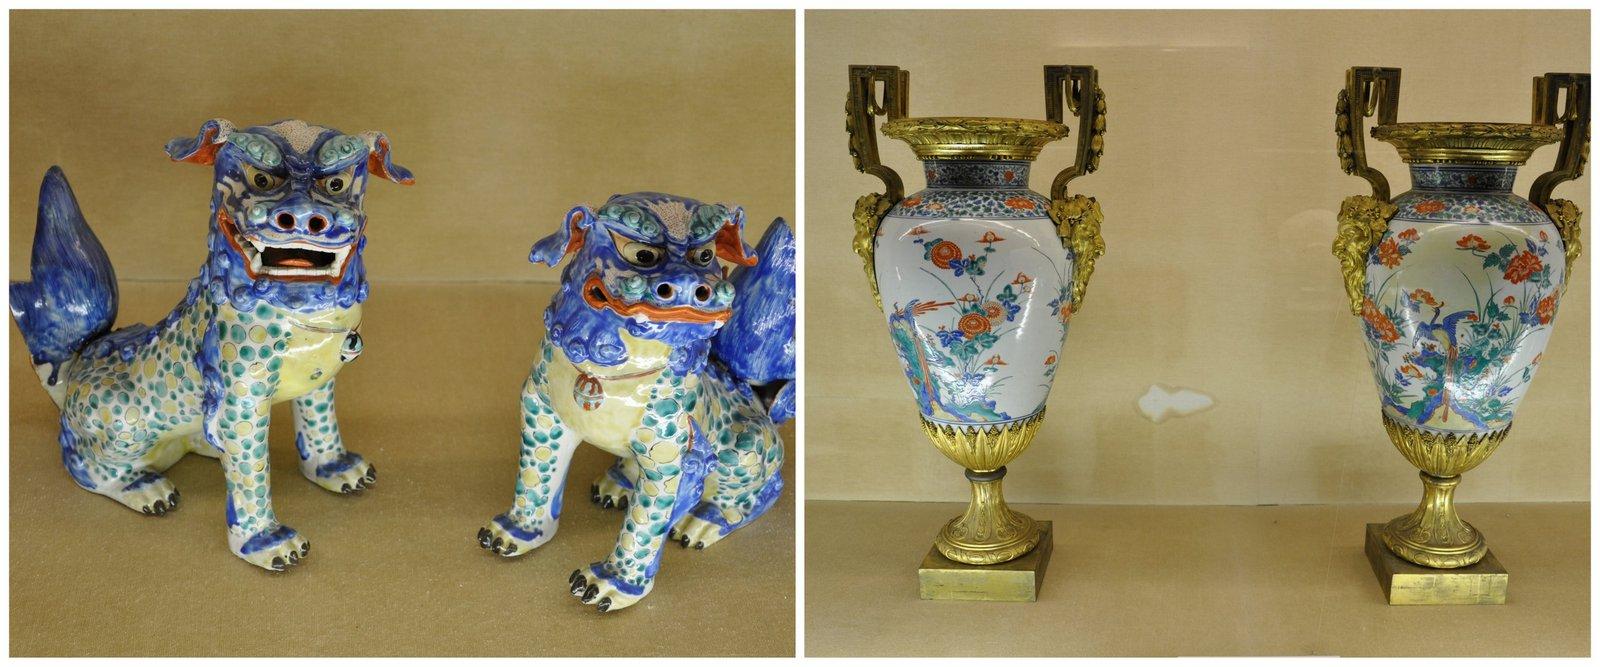 Céramiques exposées au musée de la céramique de Kyushu